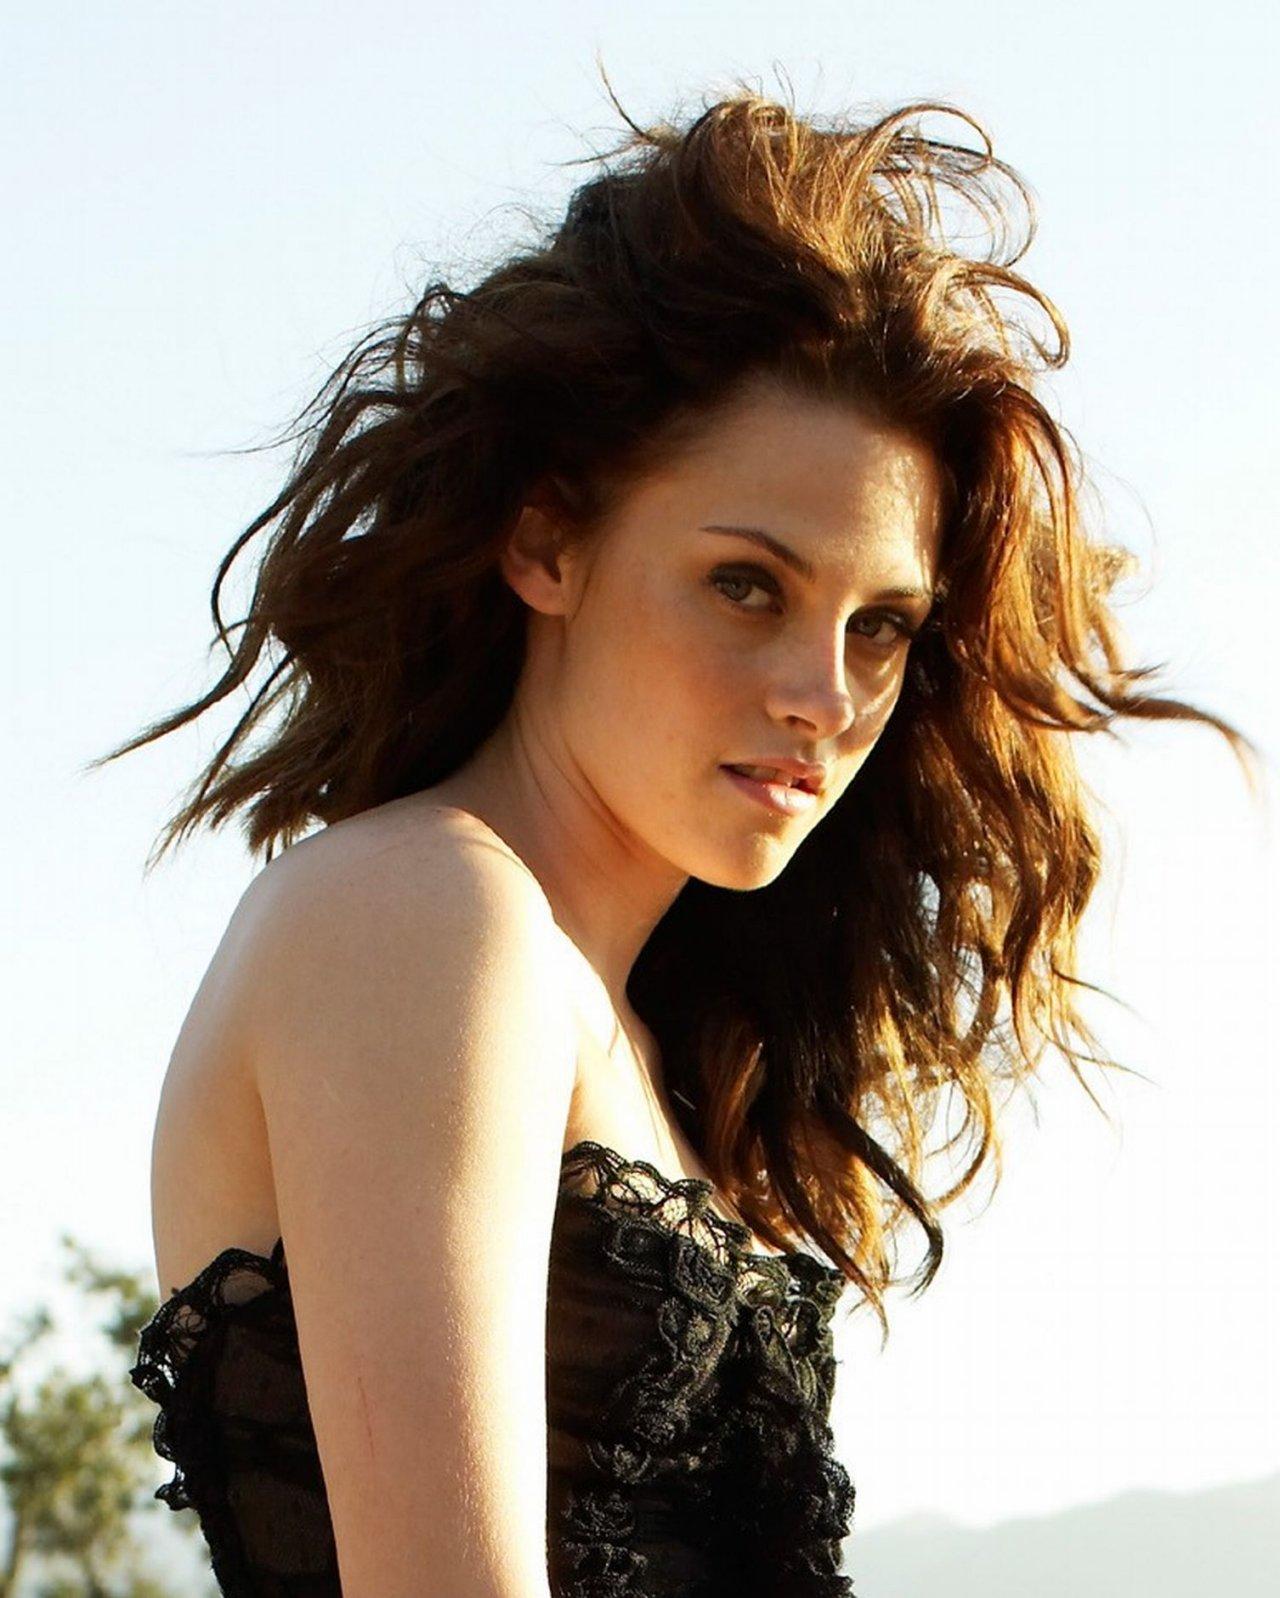 écran Kristen Stewart : Portrait gratuit fonds écran bwin Angebot bwin deutsc Code keine Anzahlung aplicación bwin para android Kristen Stewart ...